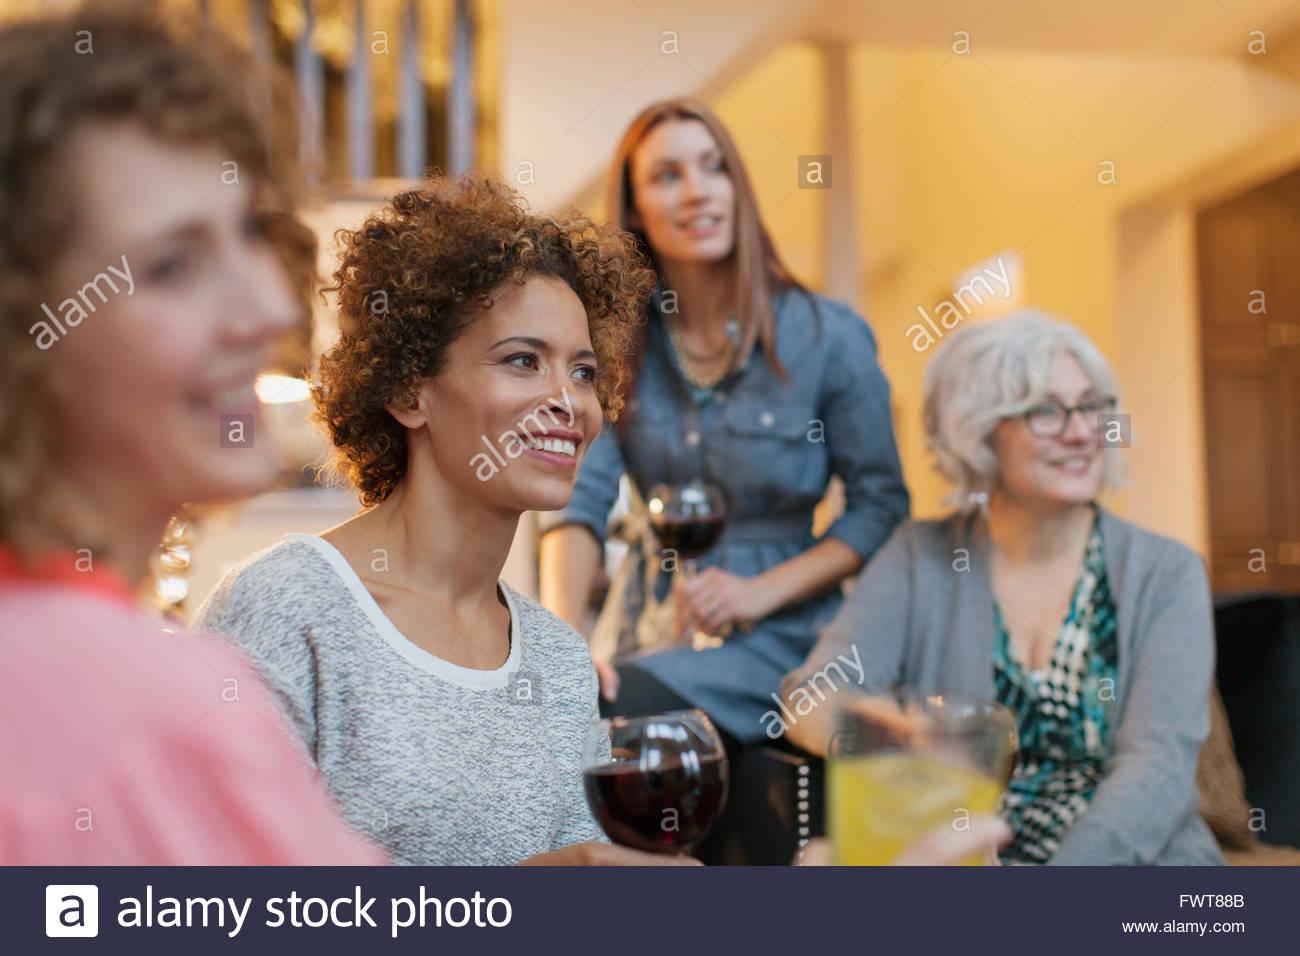 Genießen Sie einige Freundinnen Wein zu Hause. Stockbild